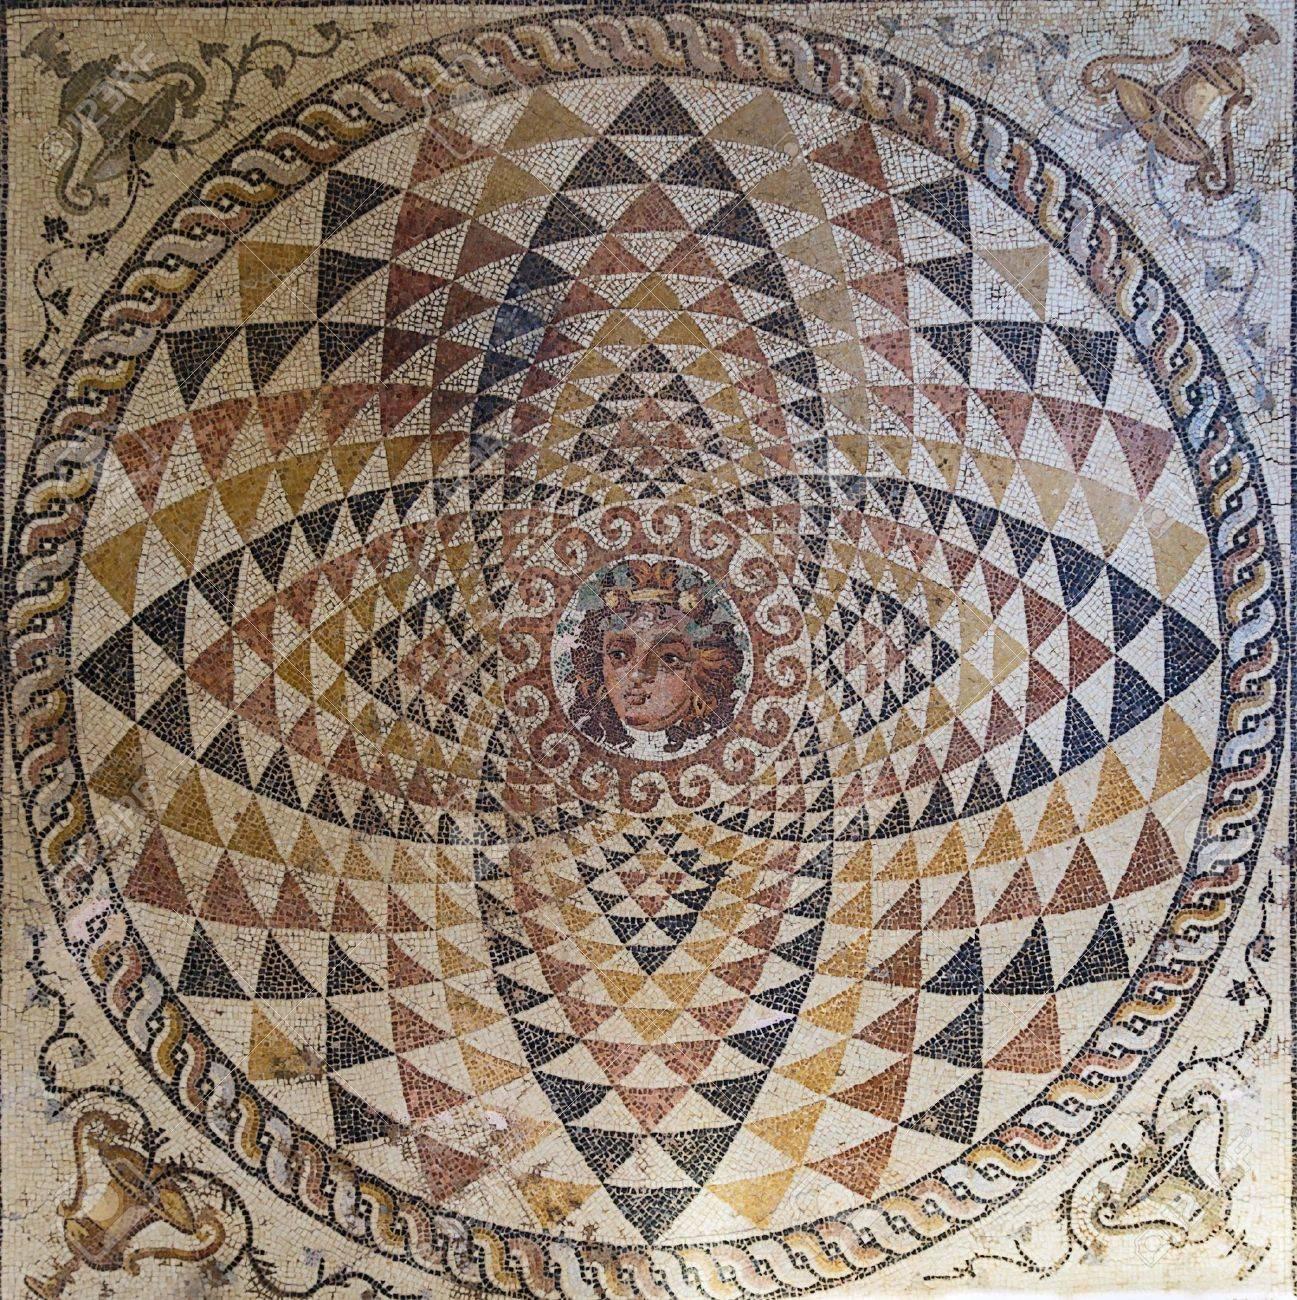 21039027-mosaico-en-el-museo-en-la-antigua-Corinto-Grecia-Foto-de-archivo.jpg